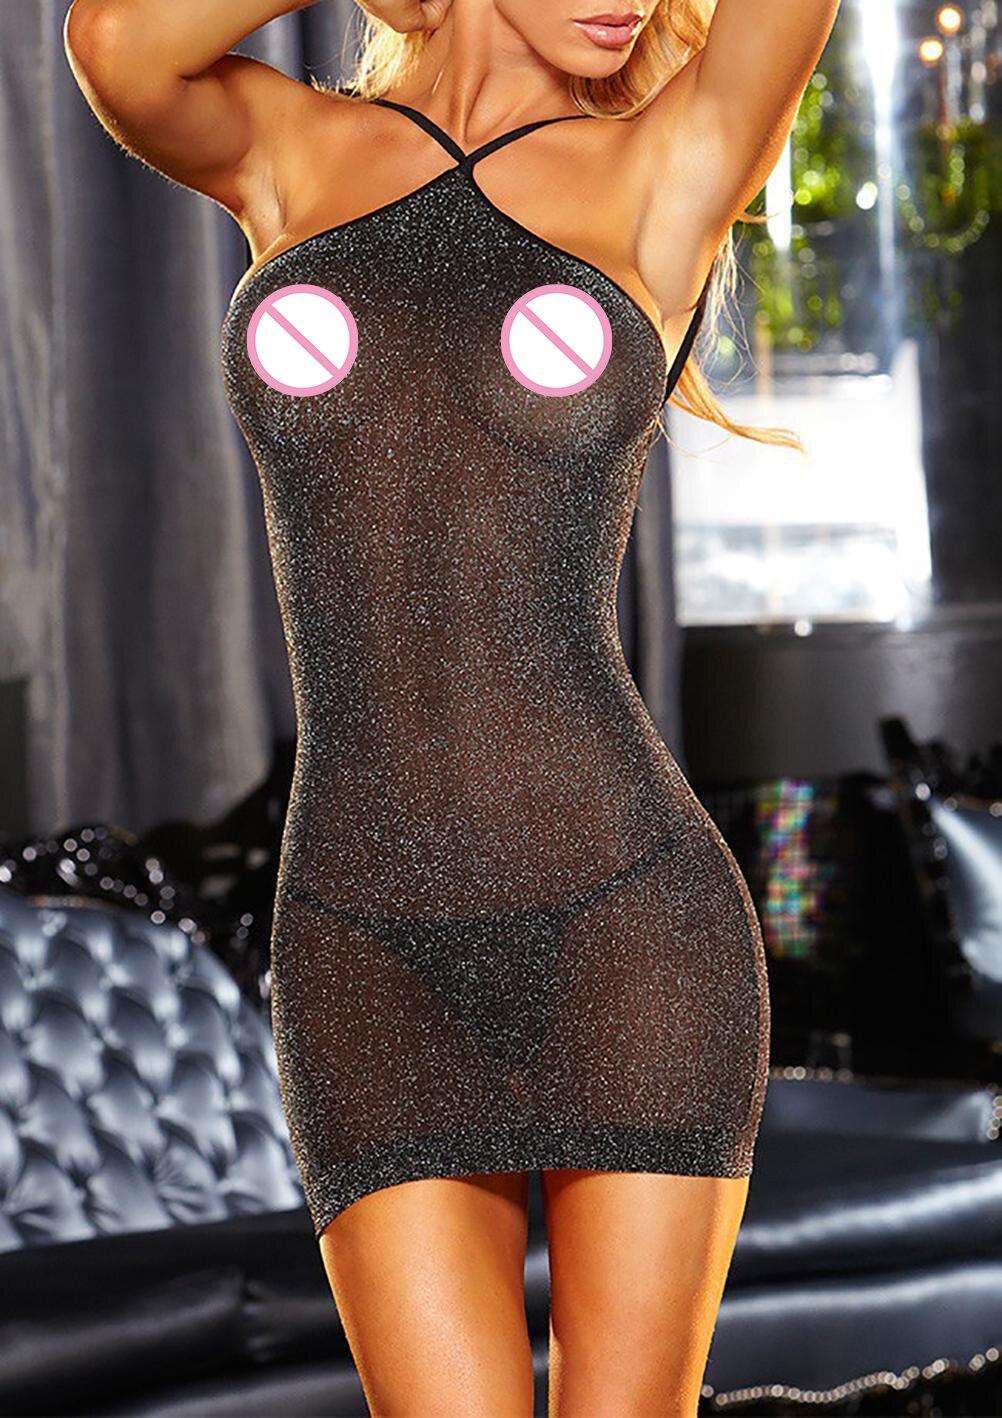 Hot Costumes érotique Lingerie Sexy sous-vêtements Babydoll/bébé femmes porno glisse Sexy robe vêtements de nuit + string